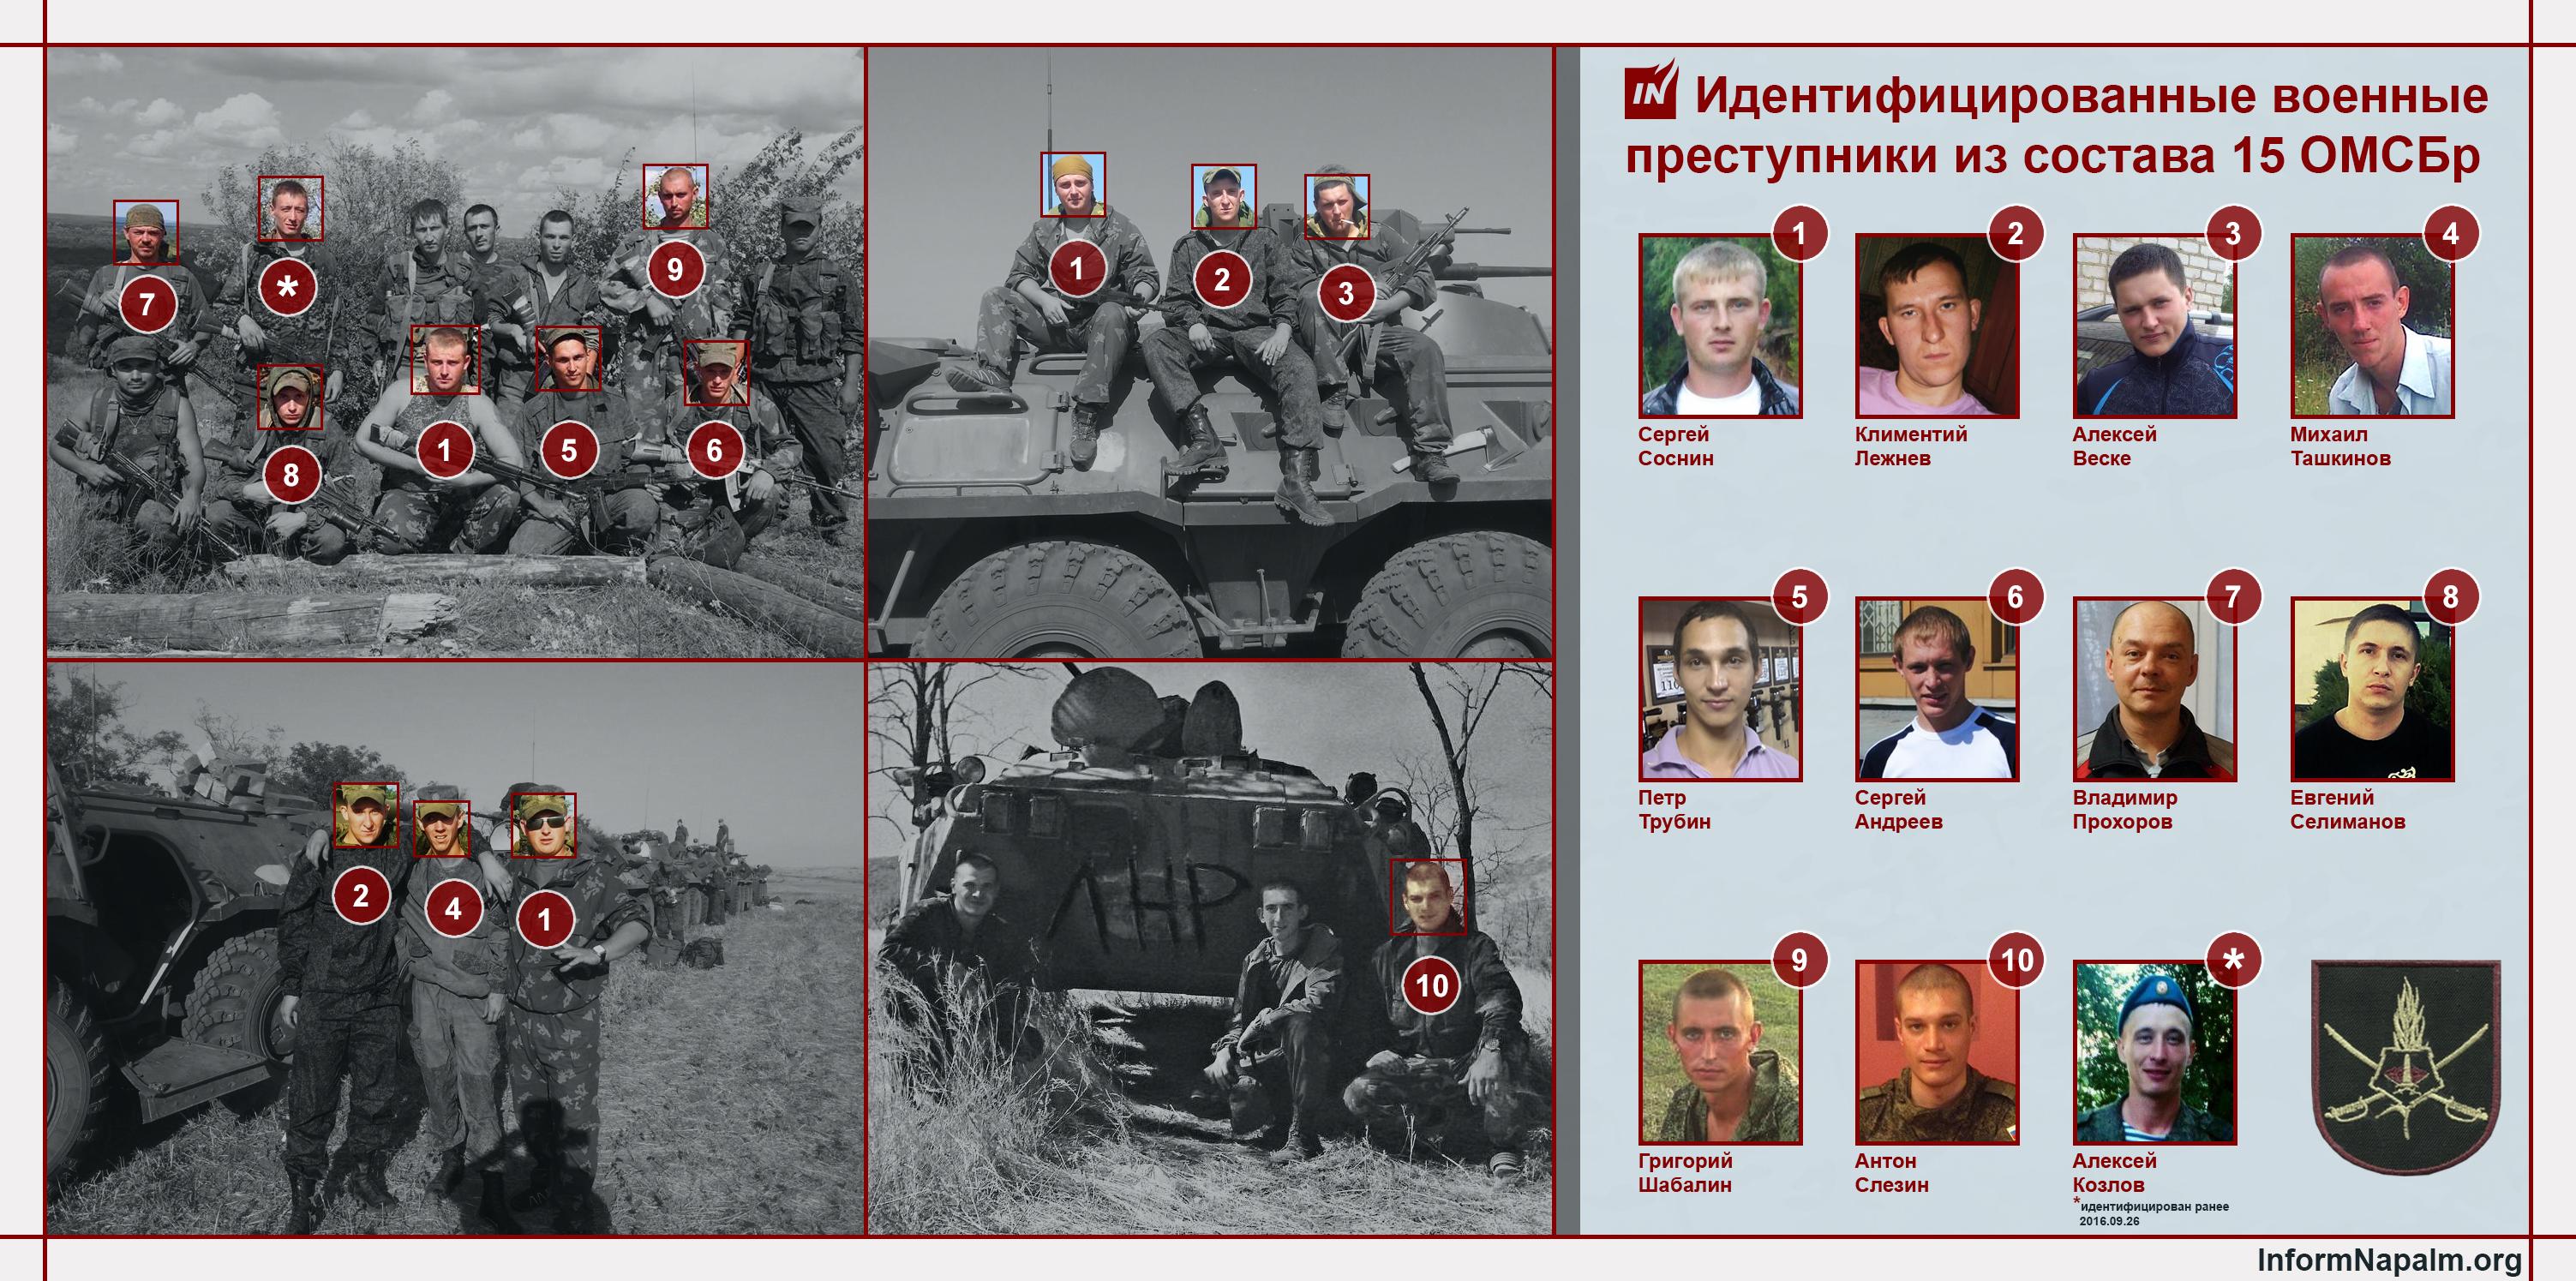 Ukraynaya qarşı hibrid müharibədə iştirak edən Rusiya 15-ci Briqadası